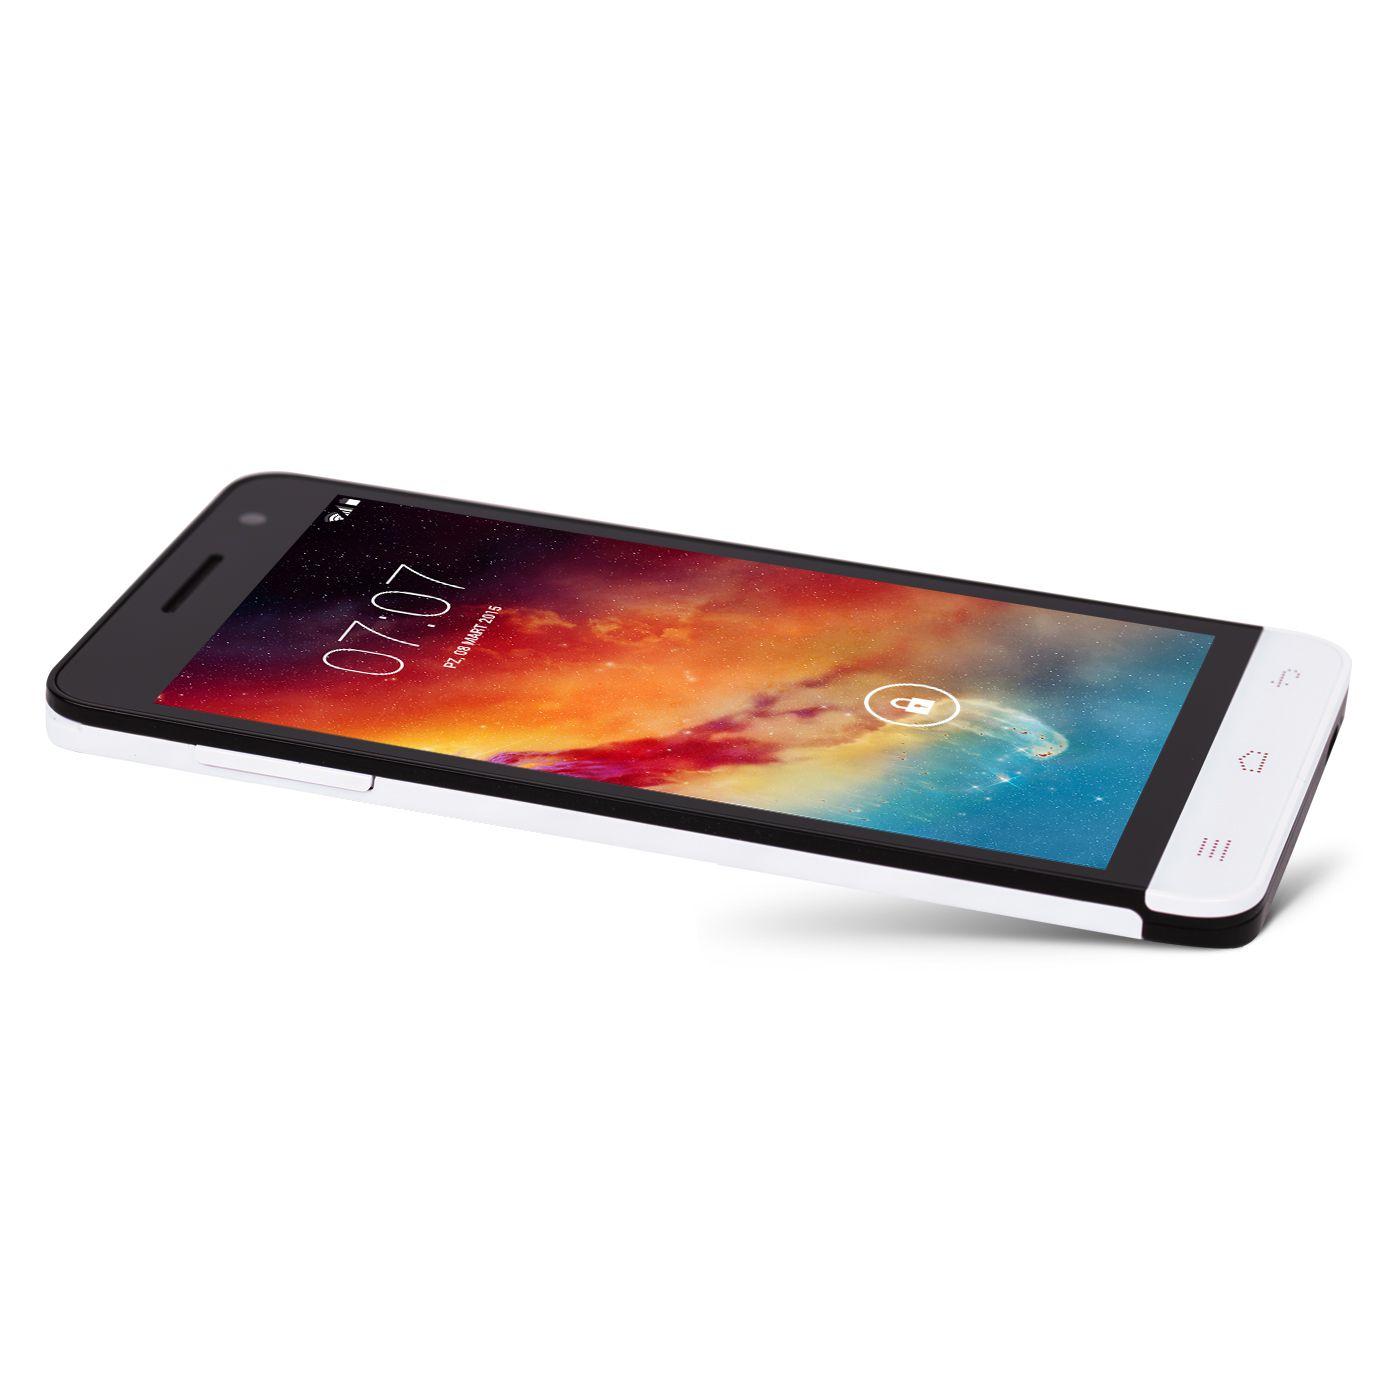 Tüm telefonları gömdüren Joye E8 akıllı telefon hakkında detaylar için www.joye.com.tr'ye göz atabilirsiniz. #JoyeE8 #Gömüyorum